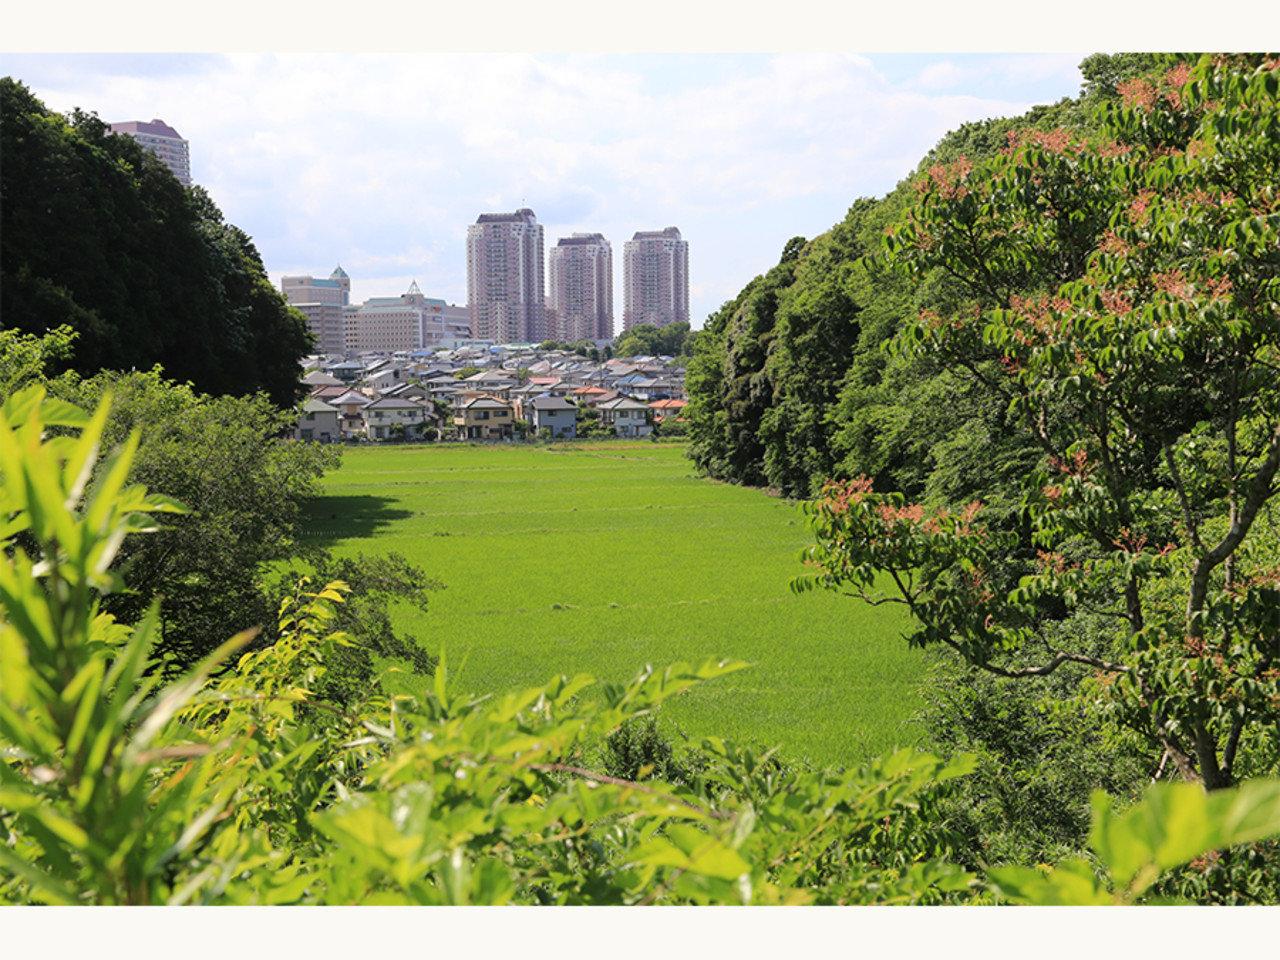 都心での仕事を変えず、自然の近くで暮らそう。千葉県佐倉市「UIJターン総合相談窓口」を開設。